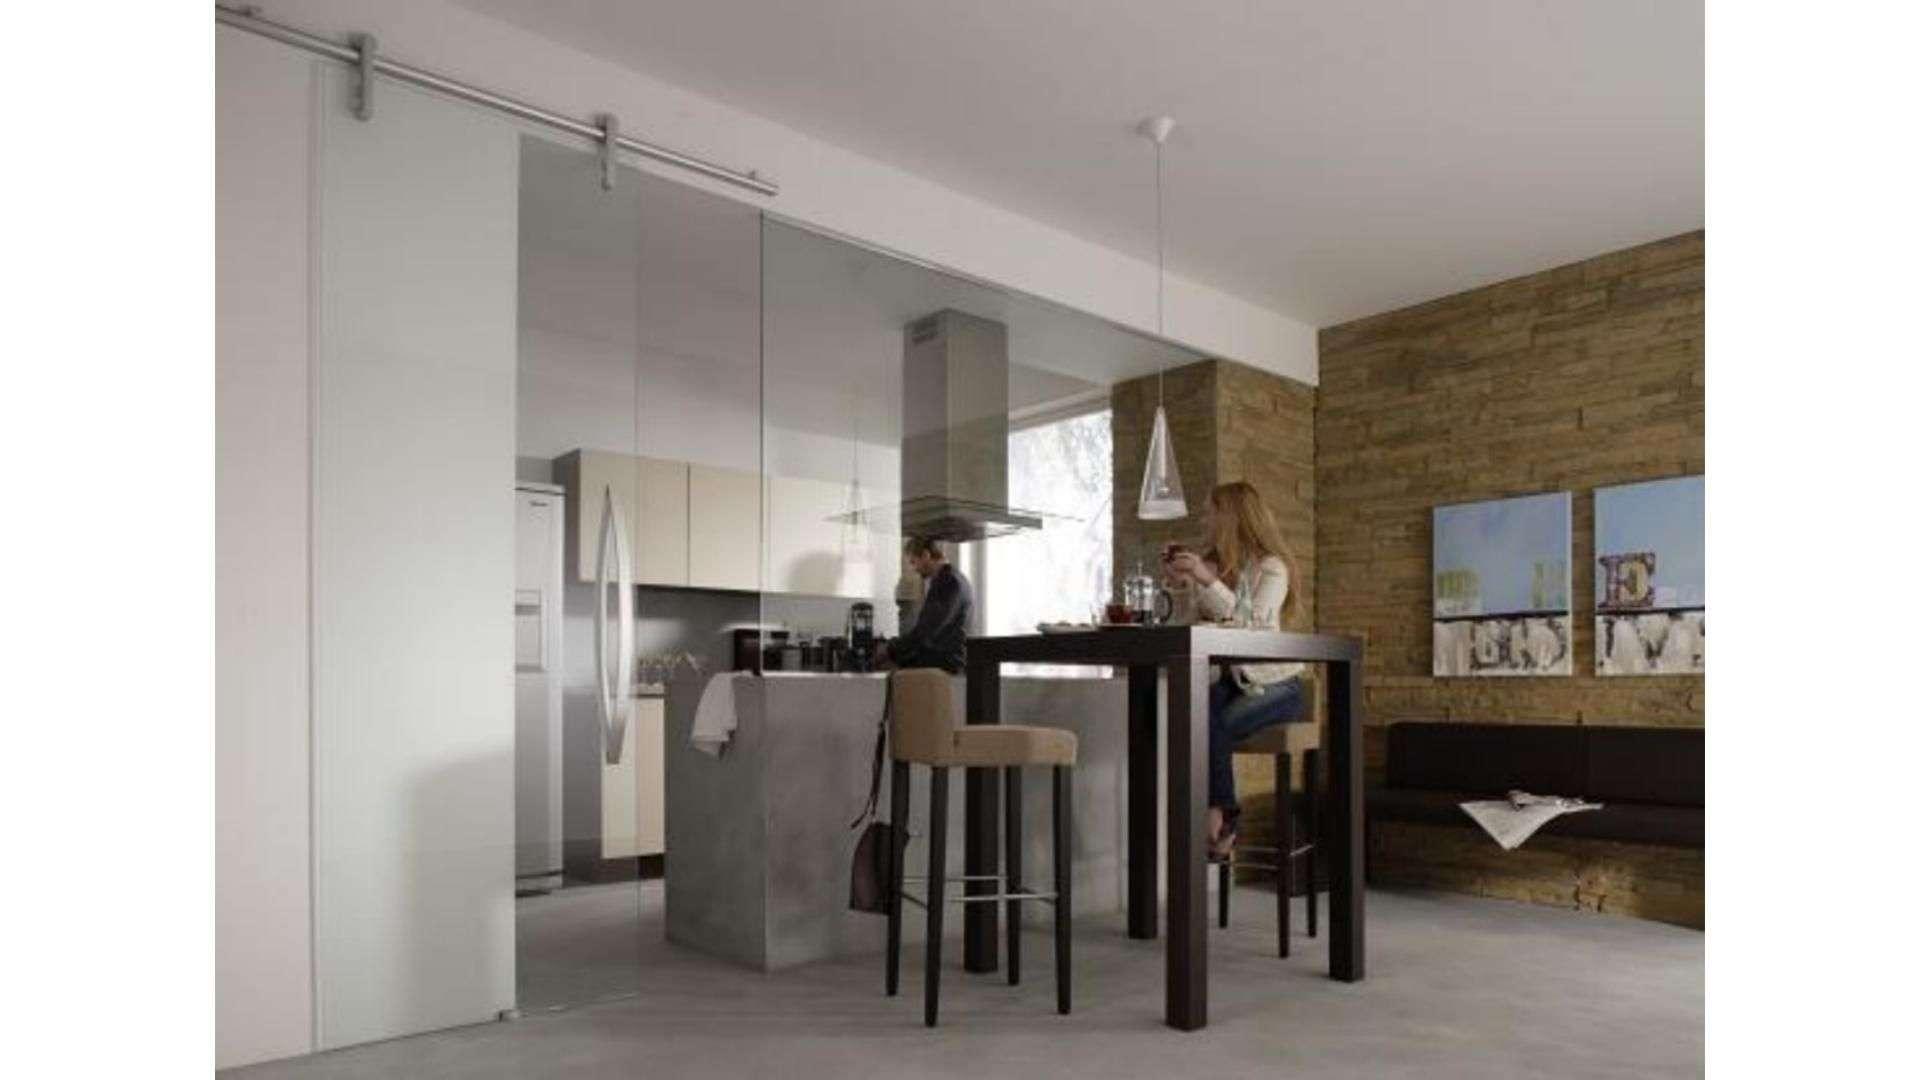 Schiebetür aus Glas zwischen Küche und Esszimmer